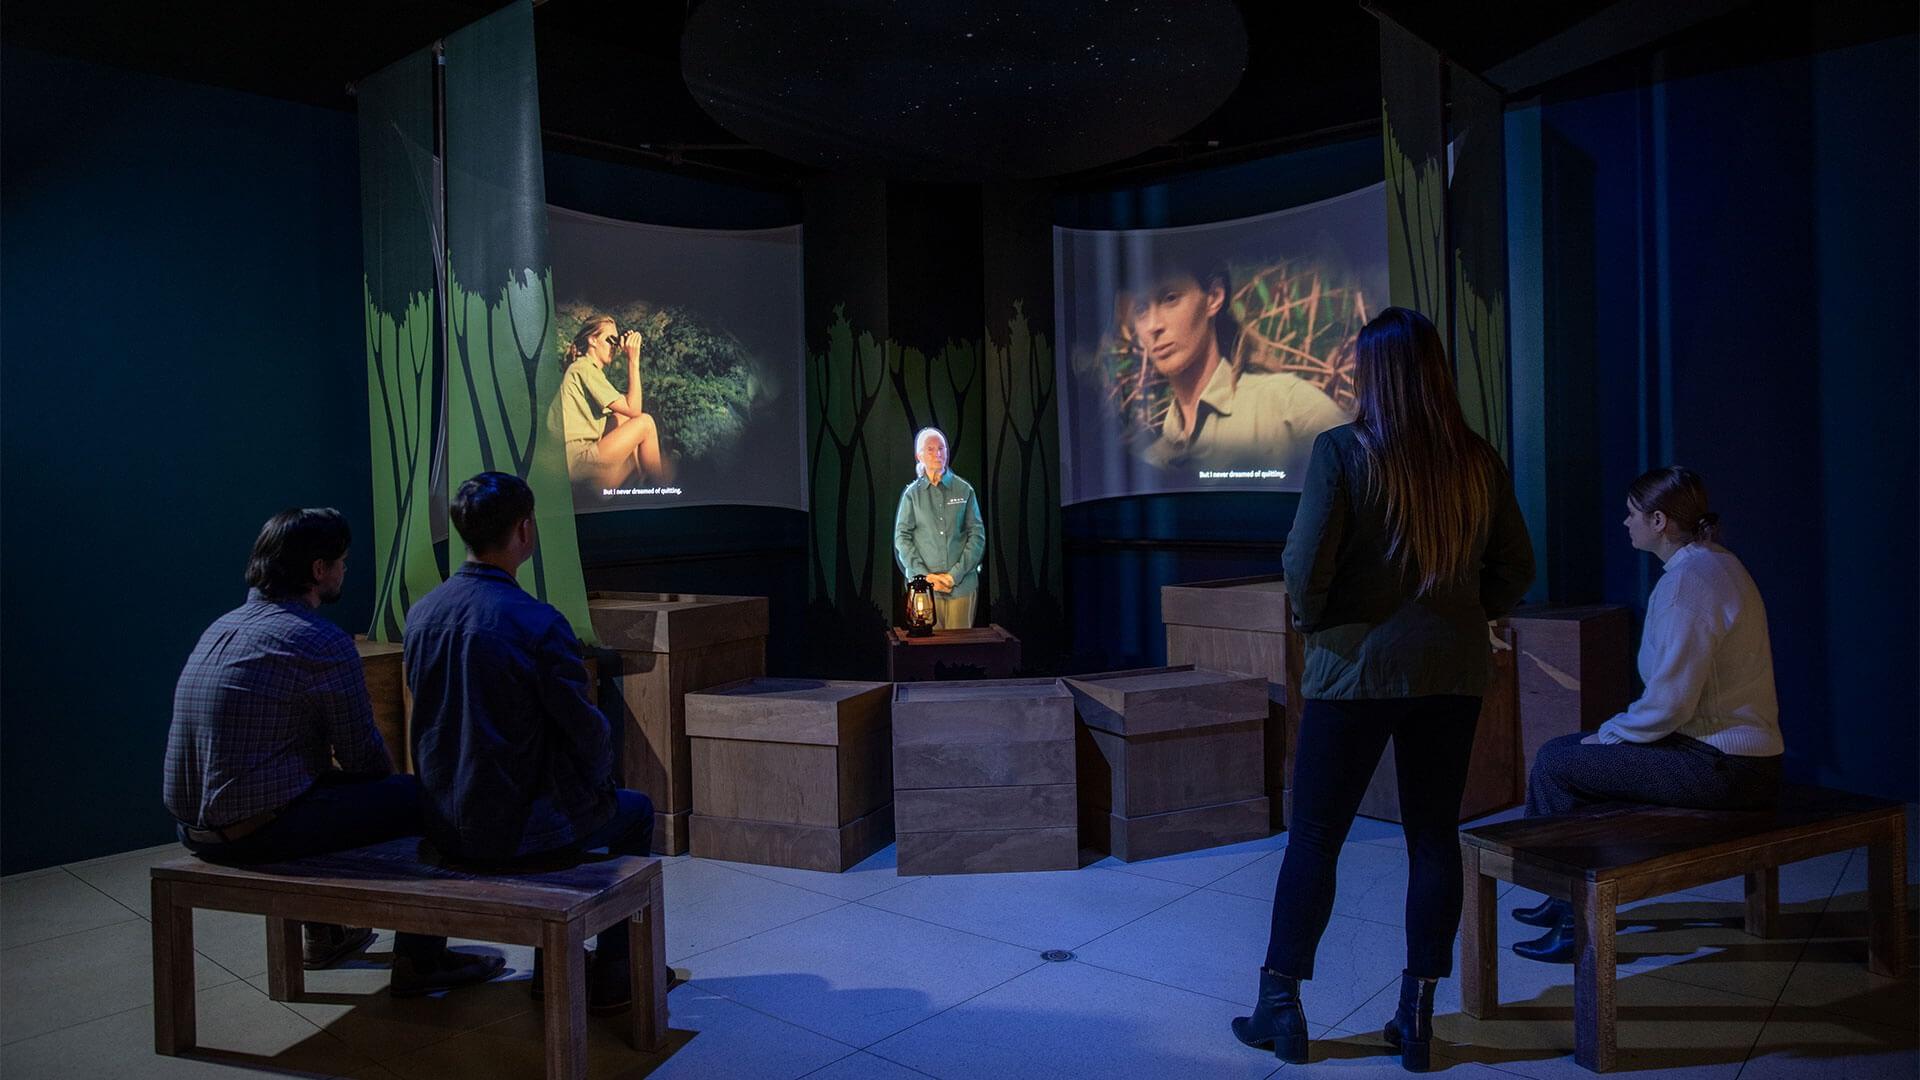 Hologram of Jane Goodall